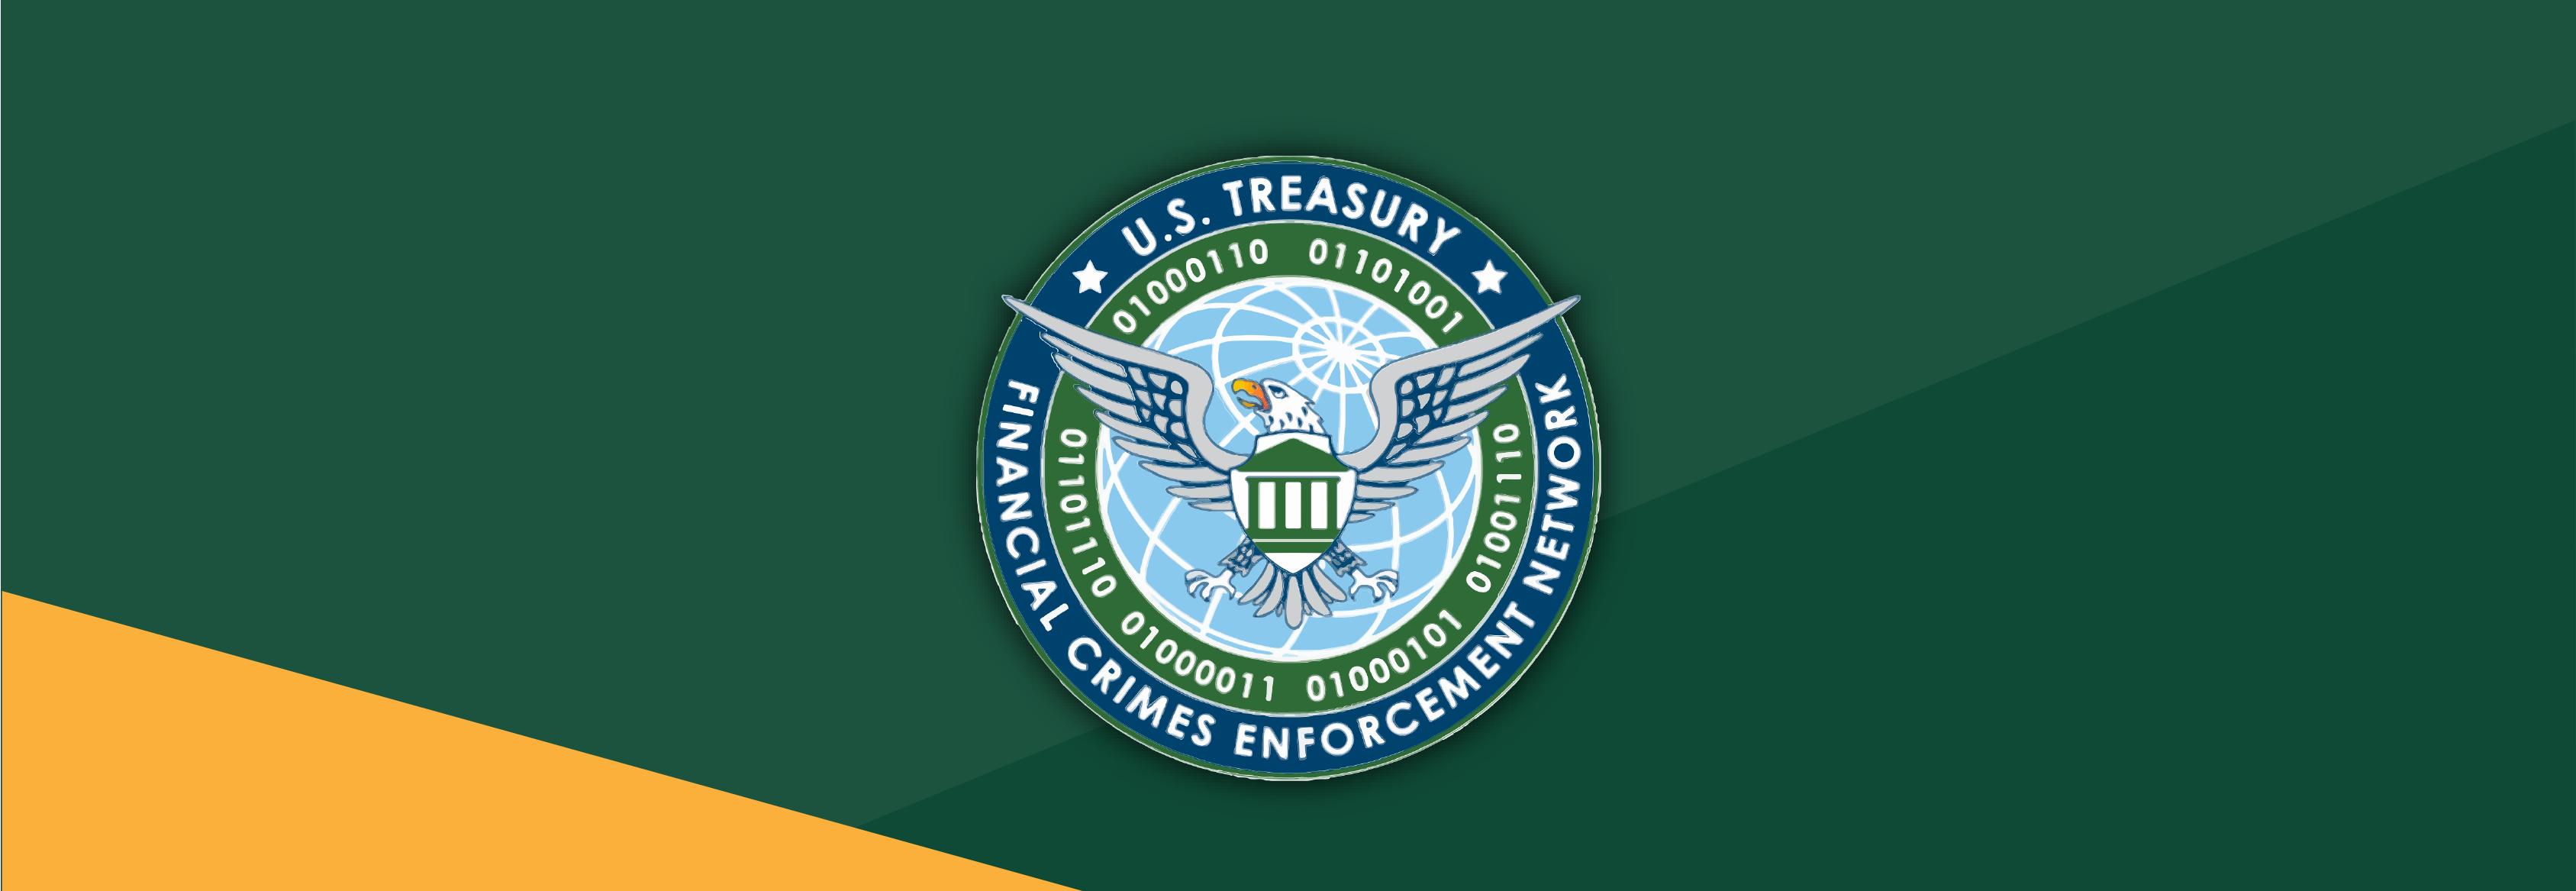 美国金融犯罪执法局针对加密钱包提出新的KYC规则